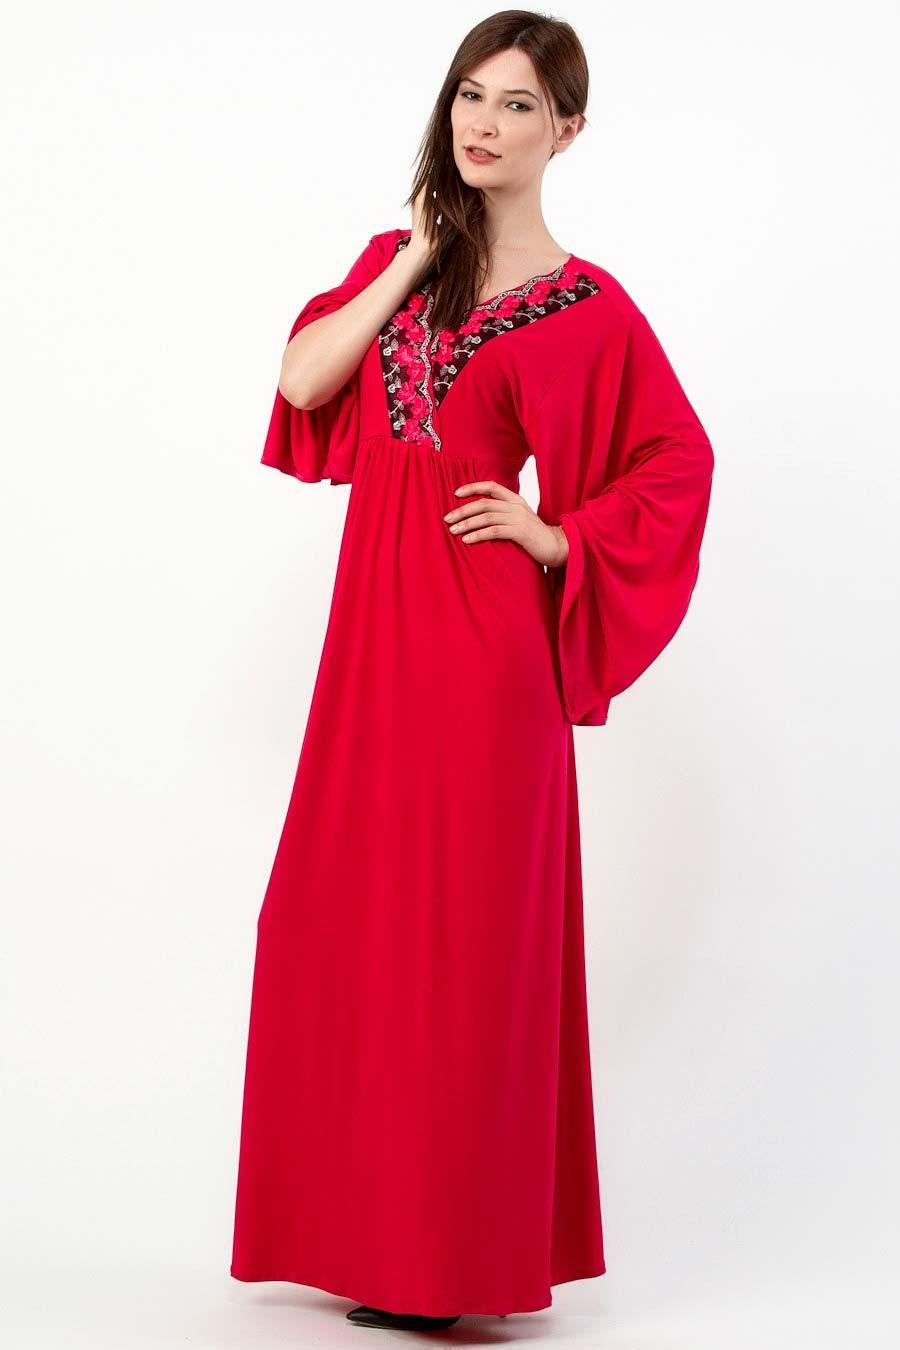 بالصور جلابيات رمضان , اجمل موديلات الملابس الرمضانية 3149 6